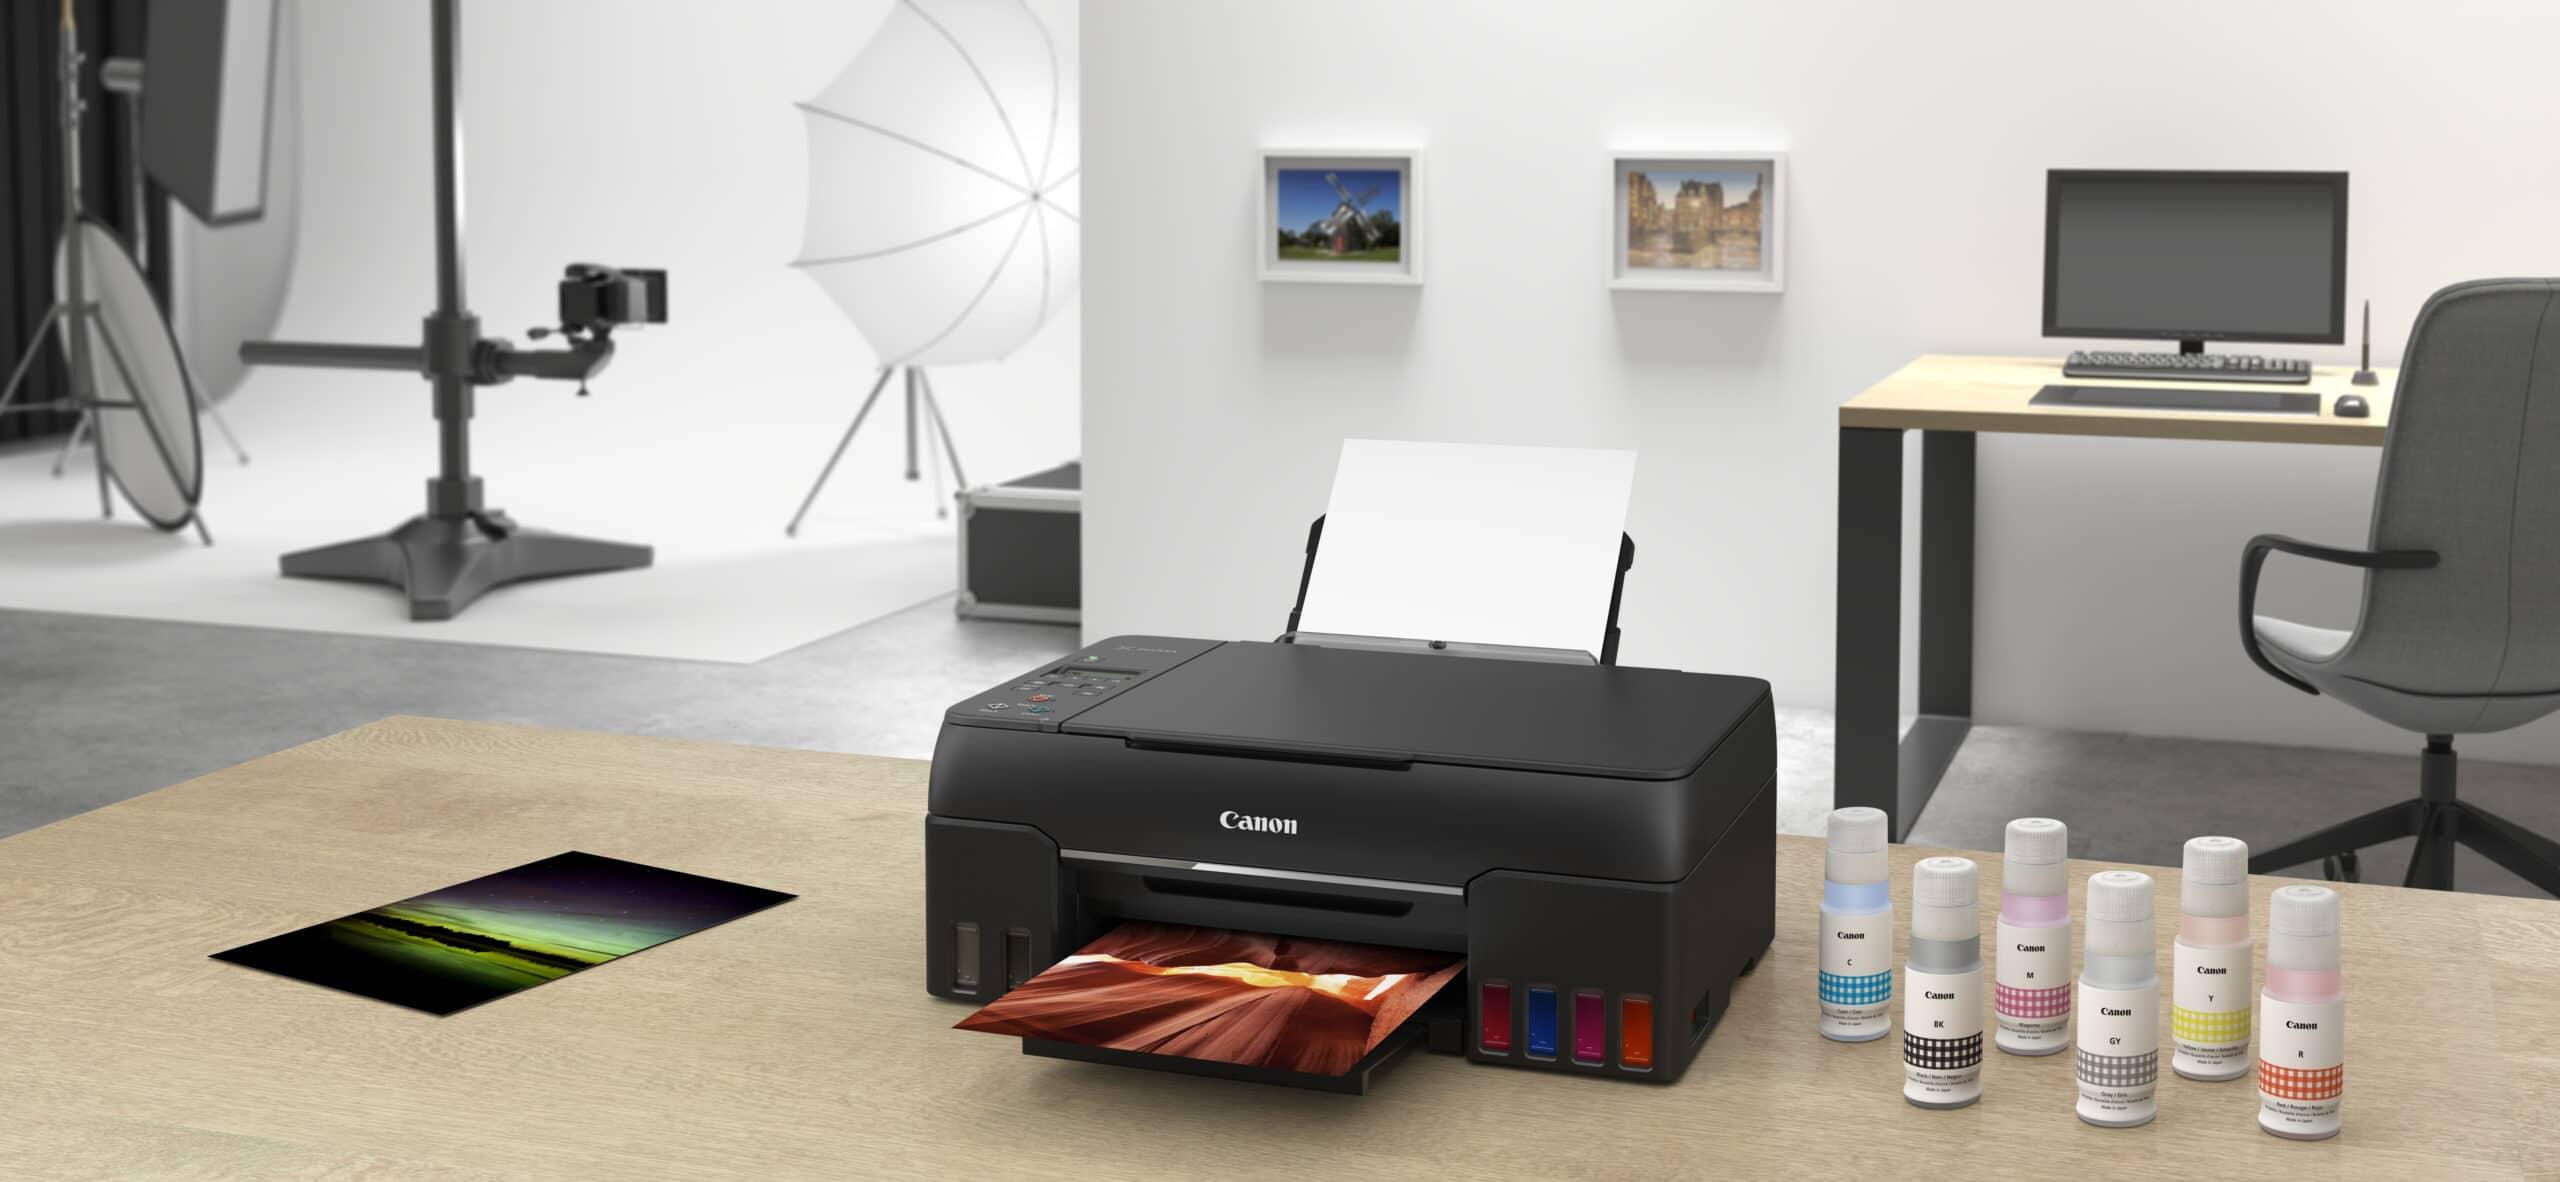 Nuove stampanti MegaTank Canon, grandi serbatoi per l'inchiostro thumbnail